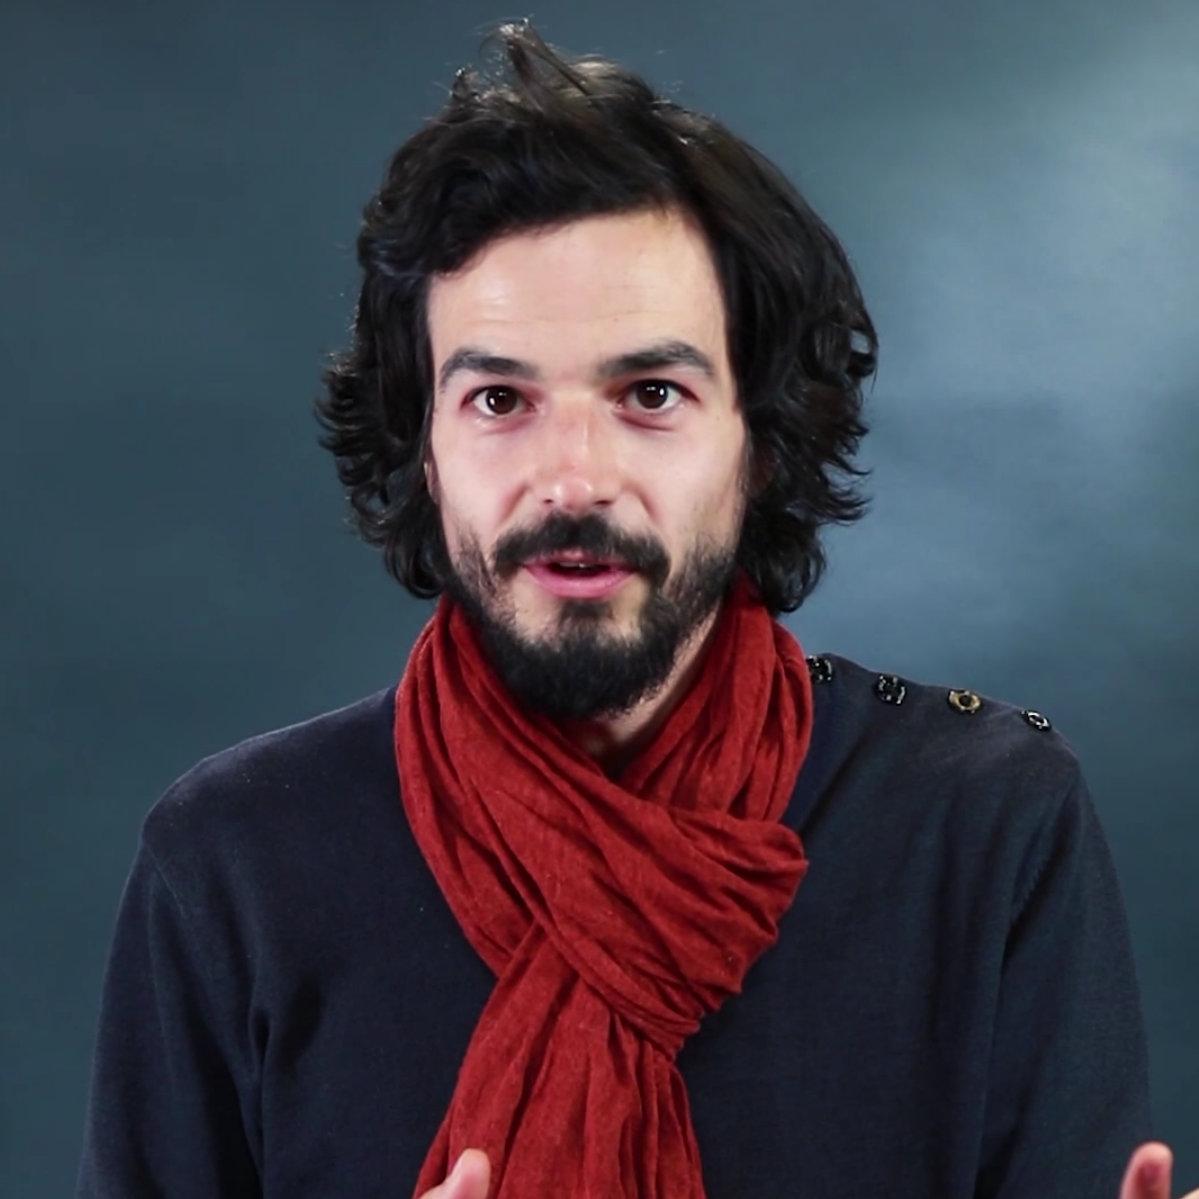 Pablo Servigne - portrait